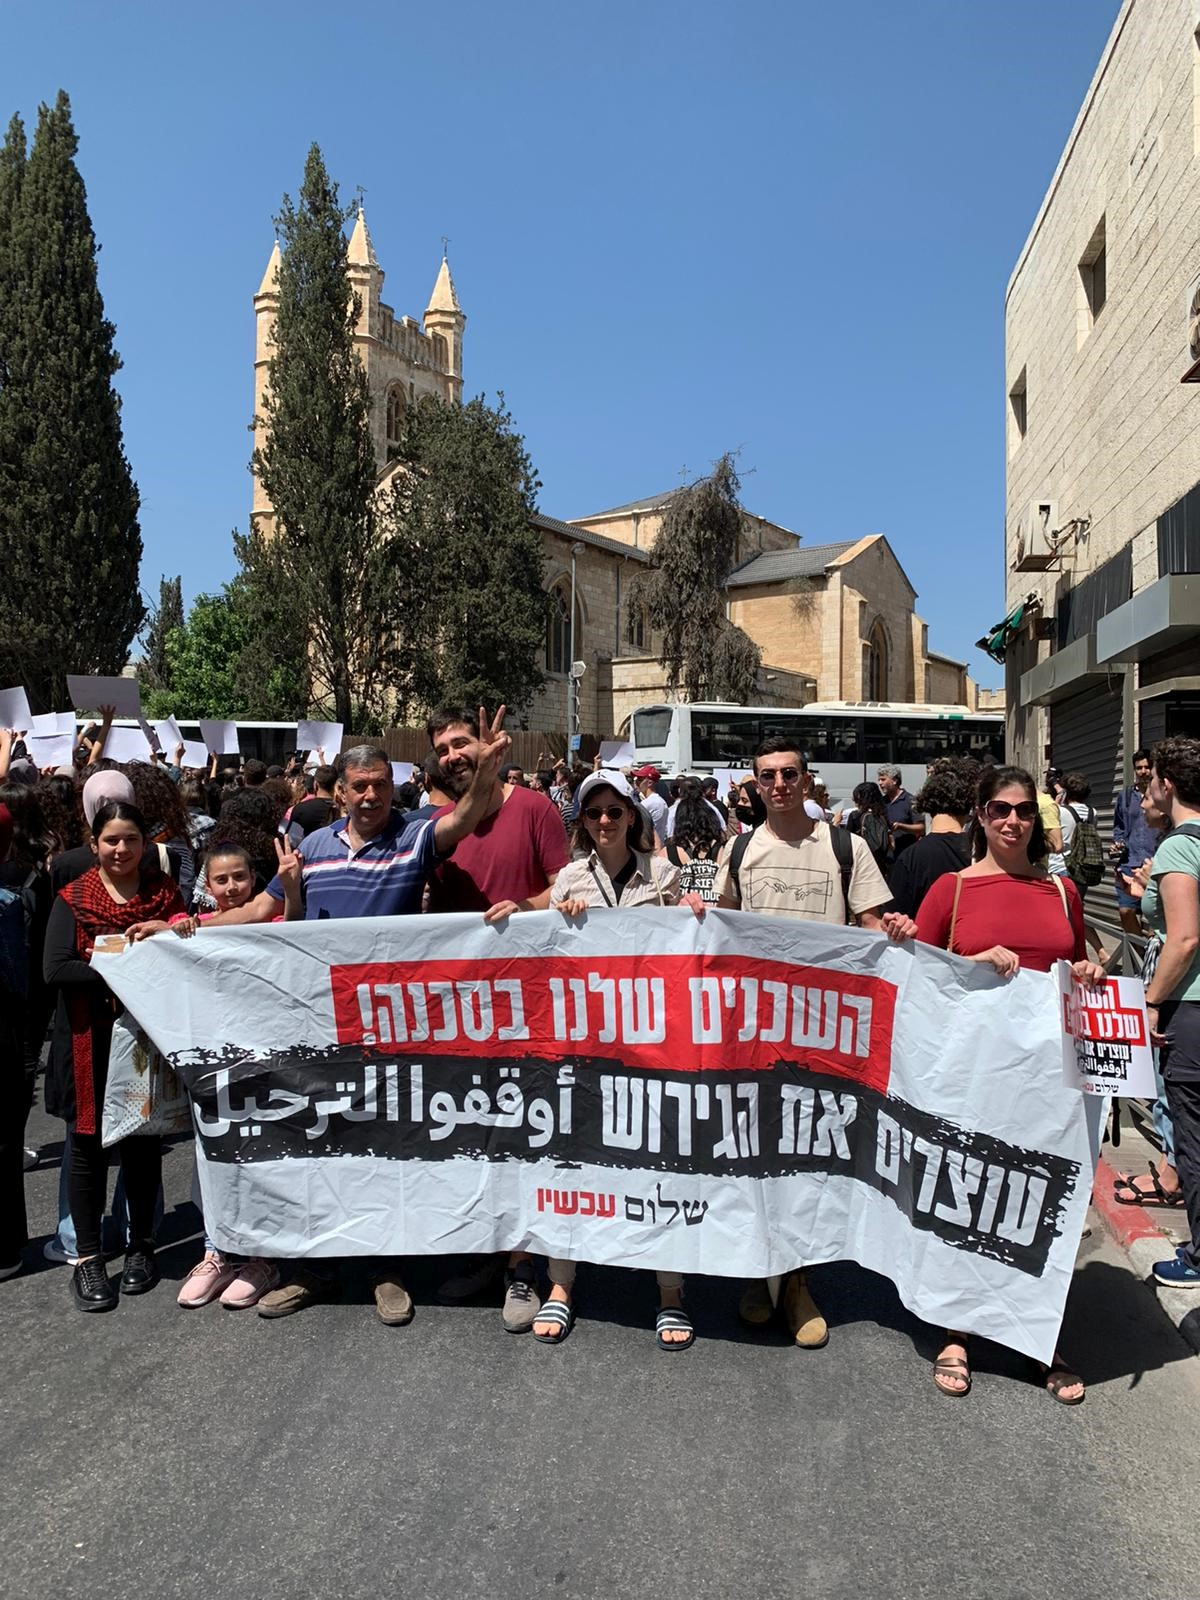 עיתונאים פלסטינים יפגינו בשייח' ג'ראח בגלל מעצר אלים של שני עמיתים